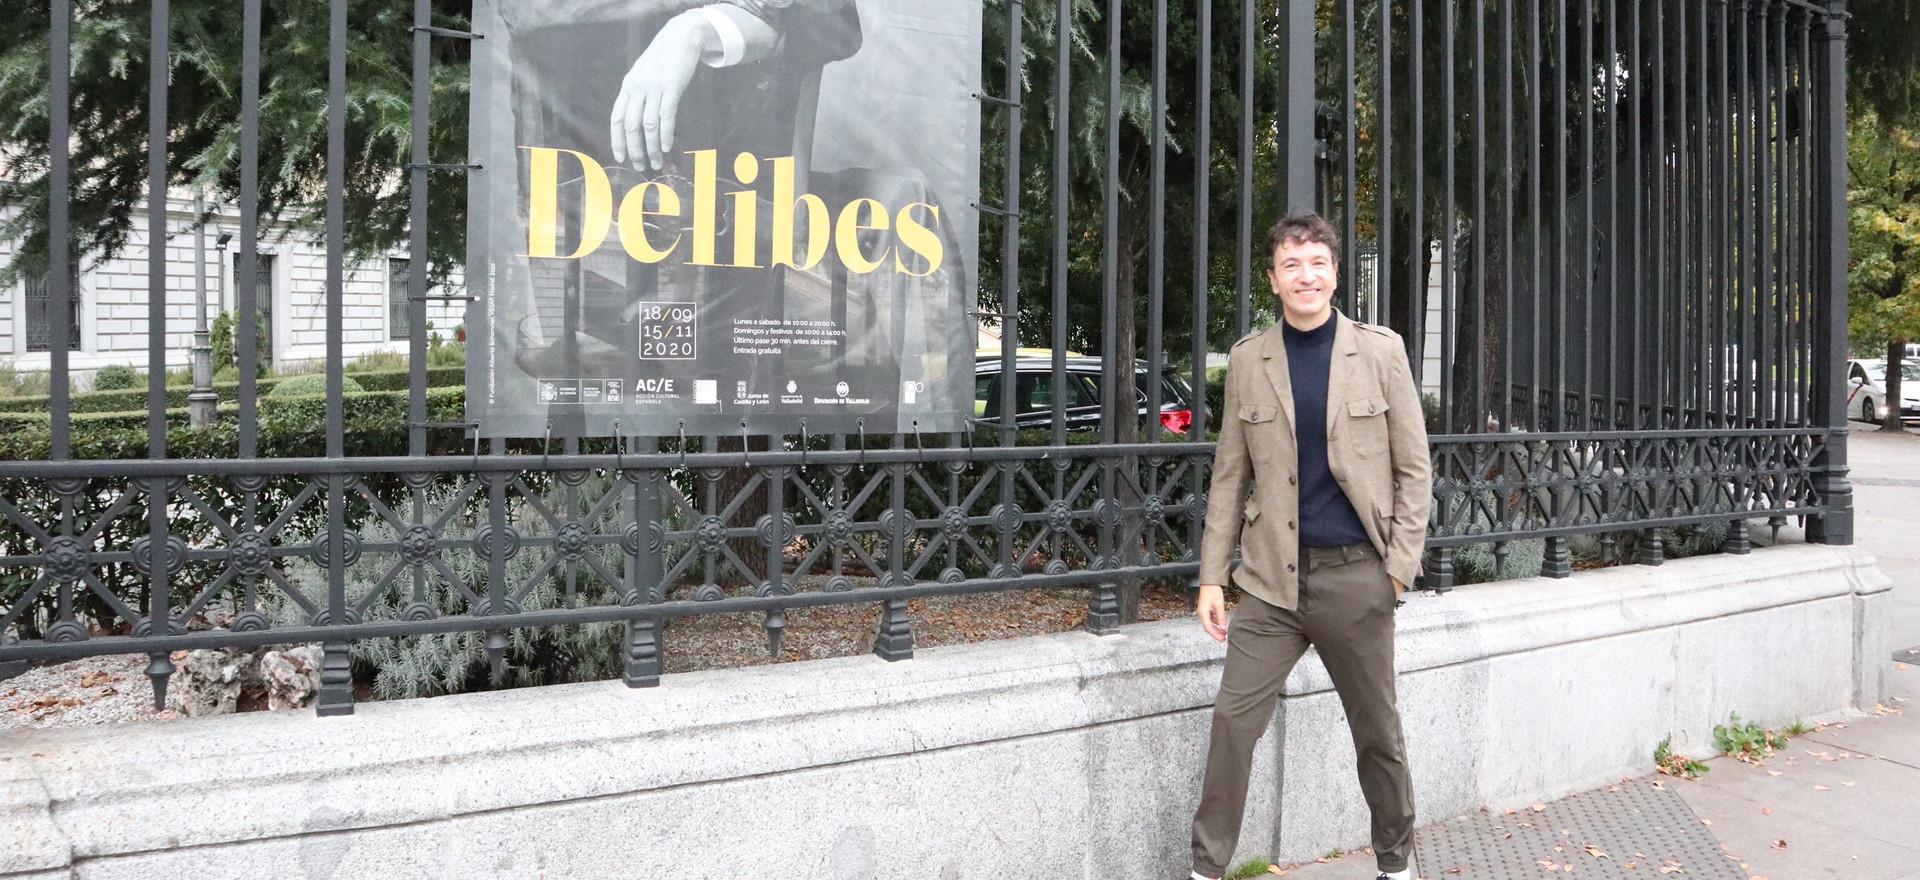 miguel-delibes-biblioteca-nacional-the-t